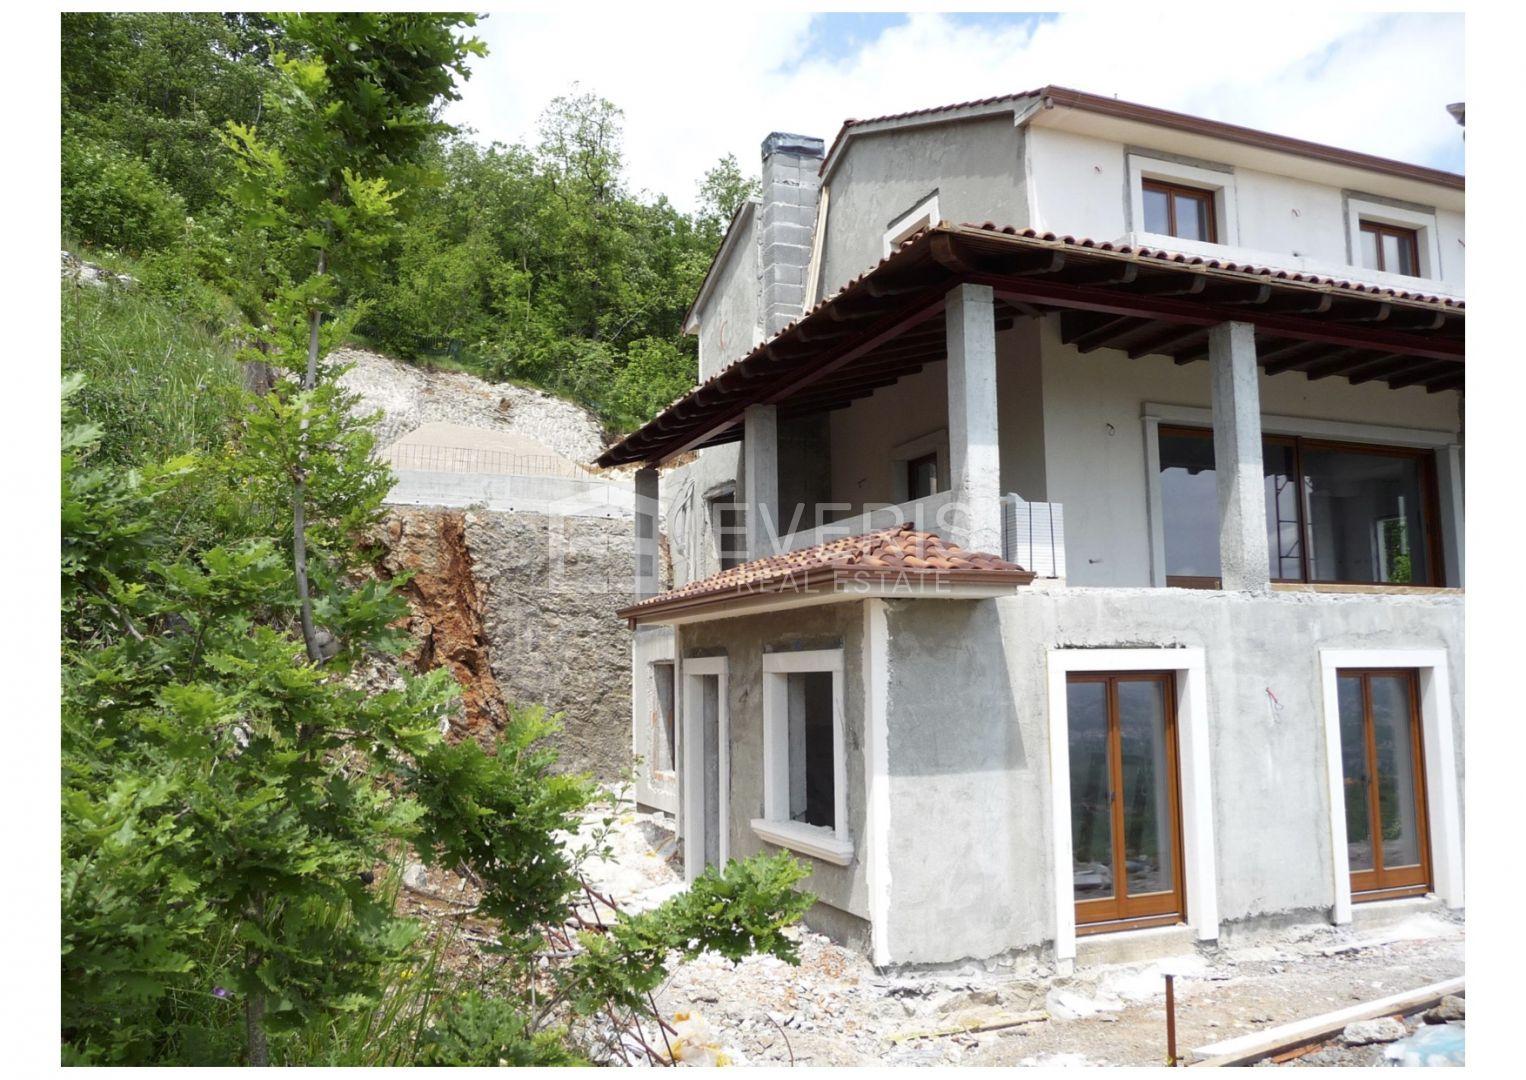 Rukavac, vila s panoramskim pogledom